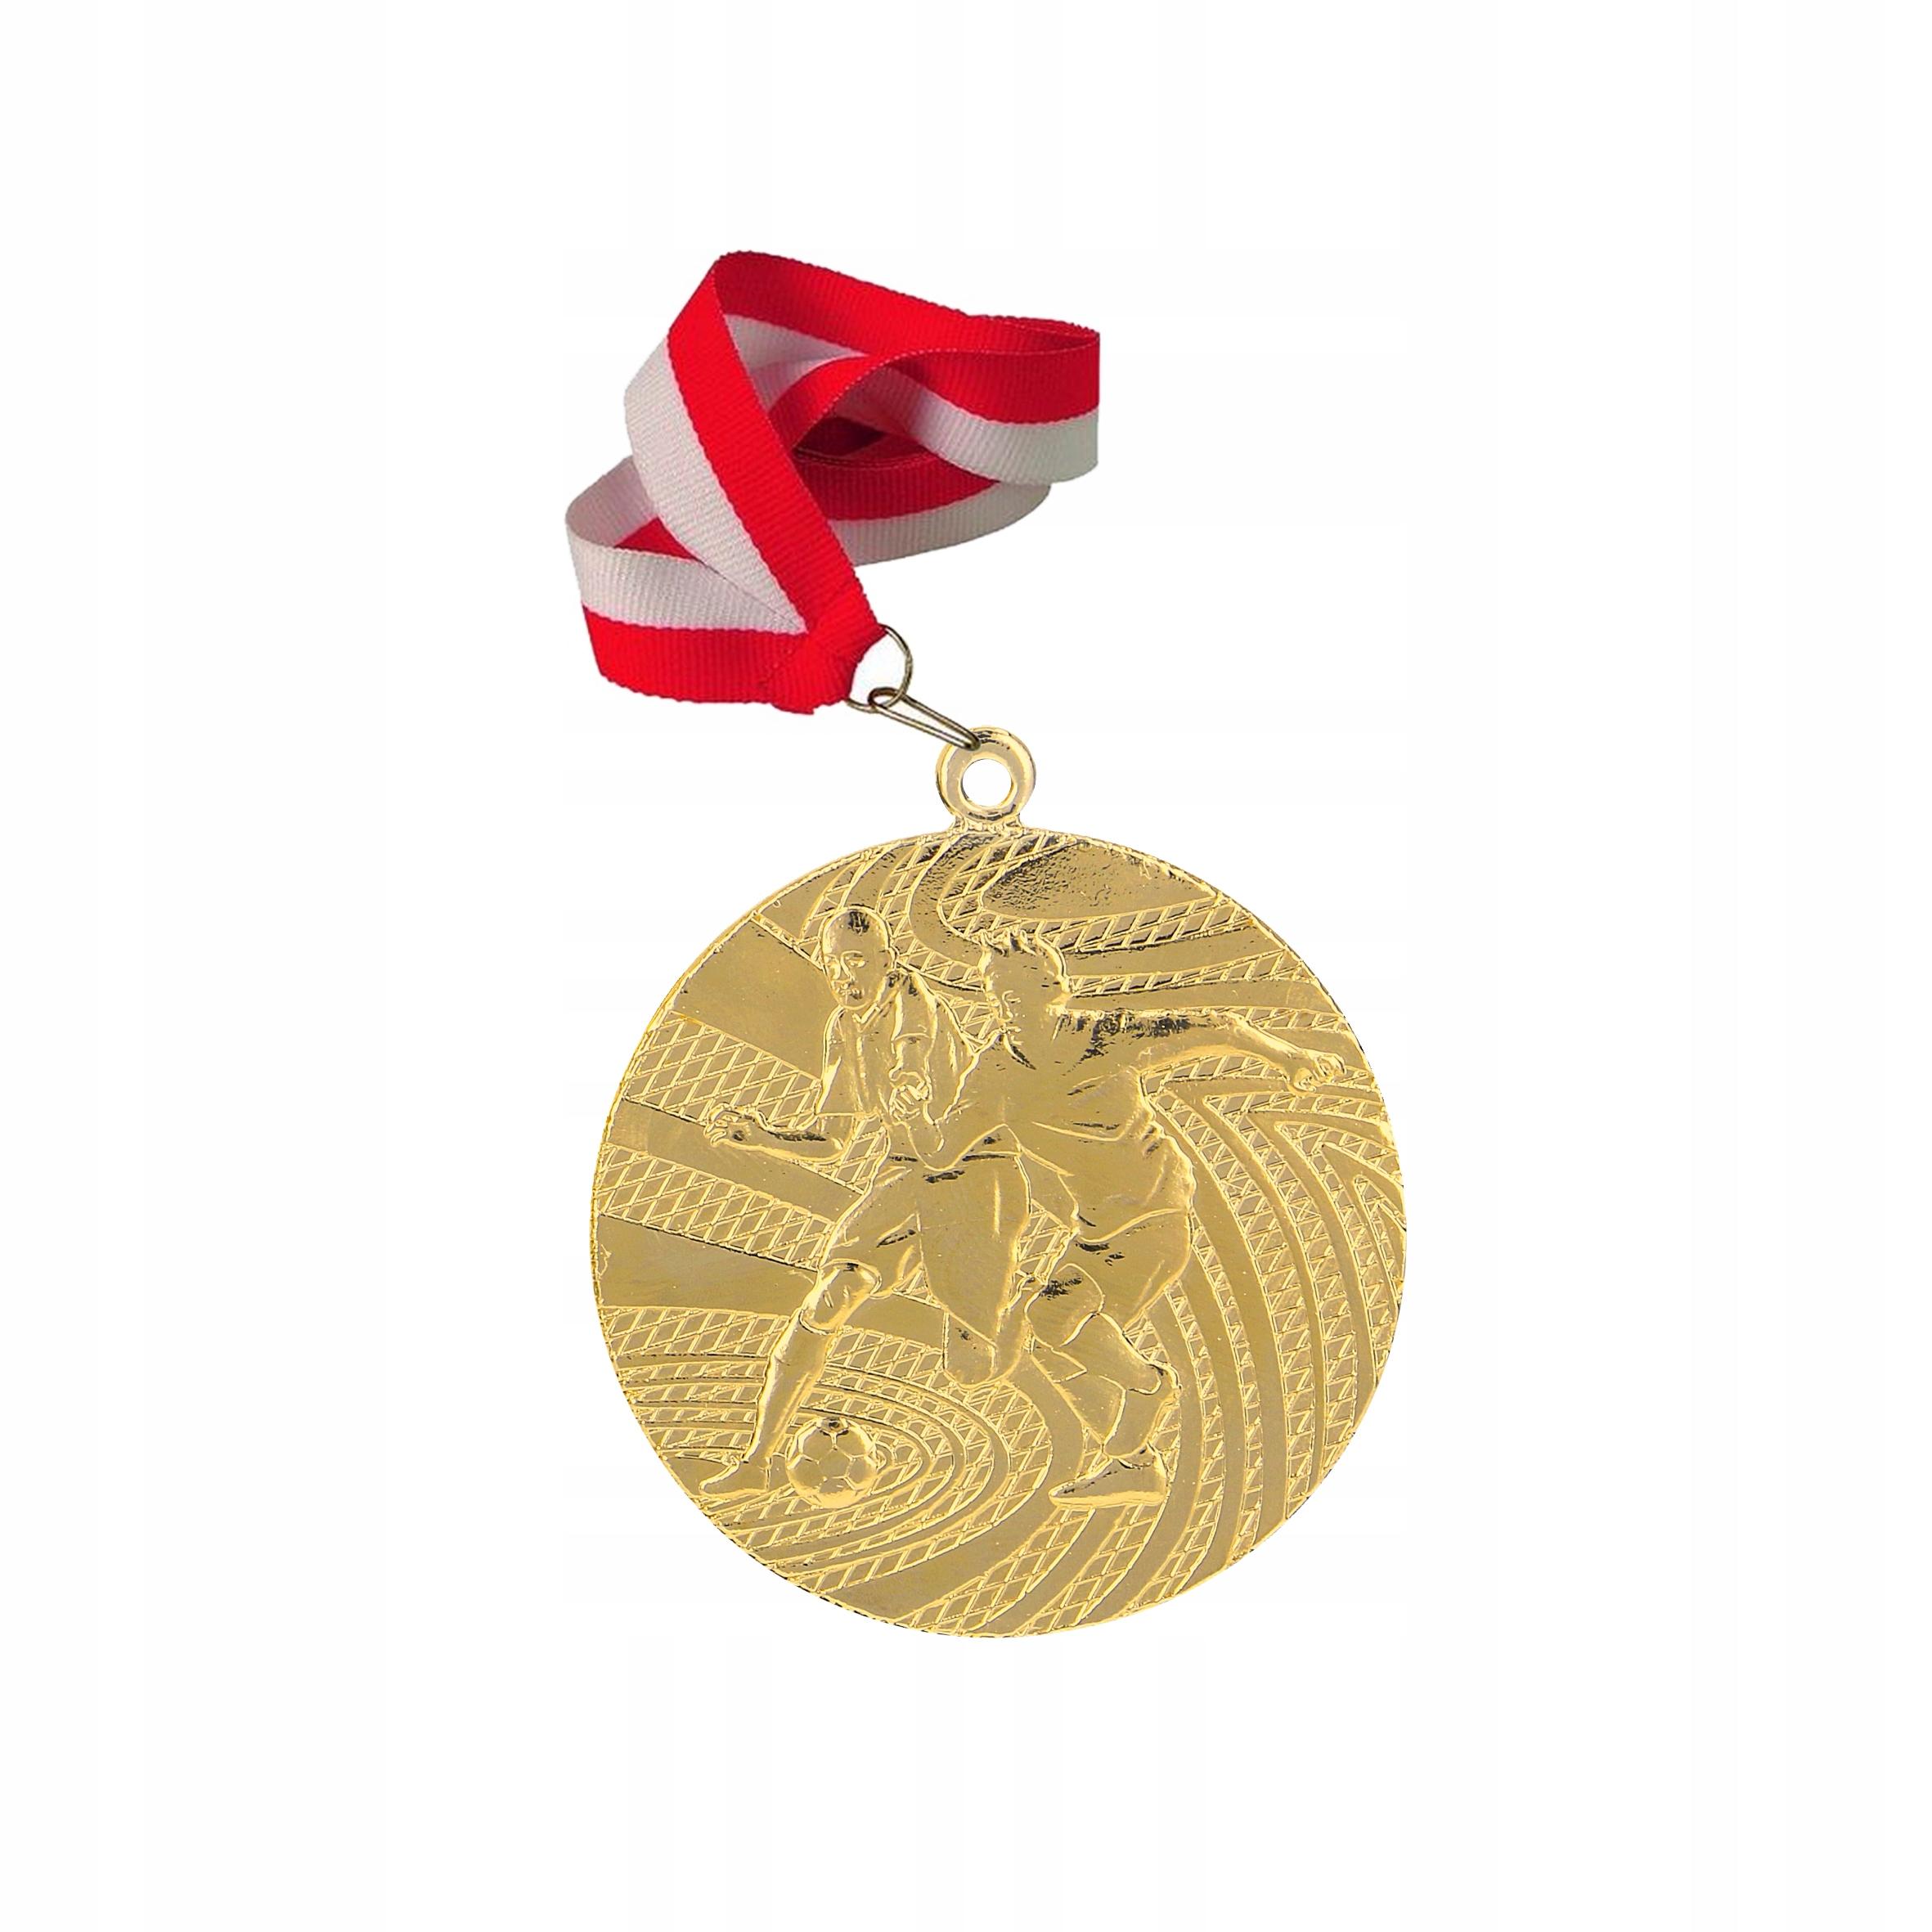 Medaily Medal Futbal + Ribbon + Bezplatný rytec